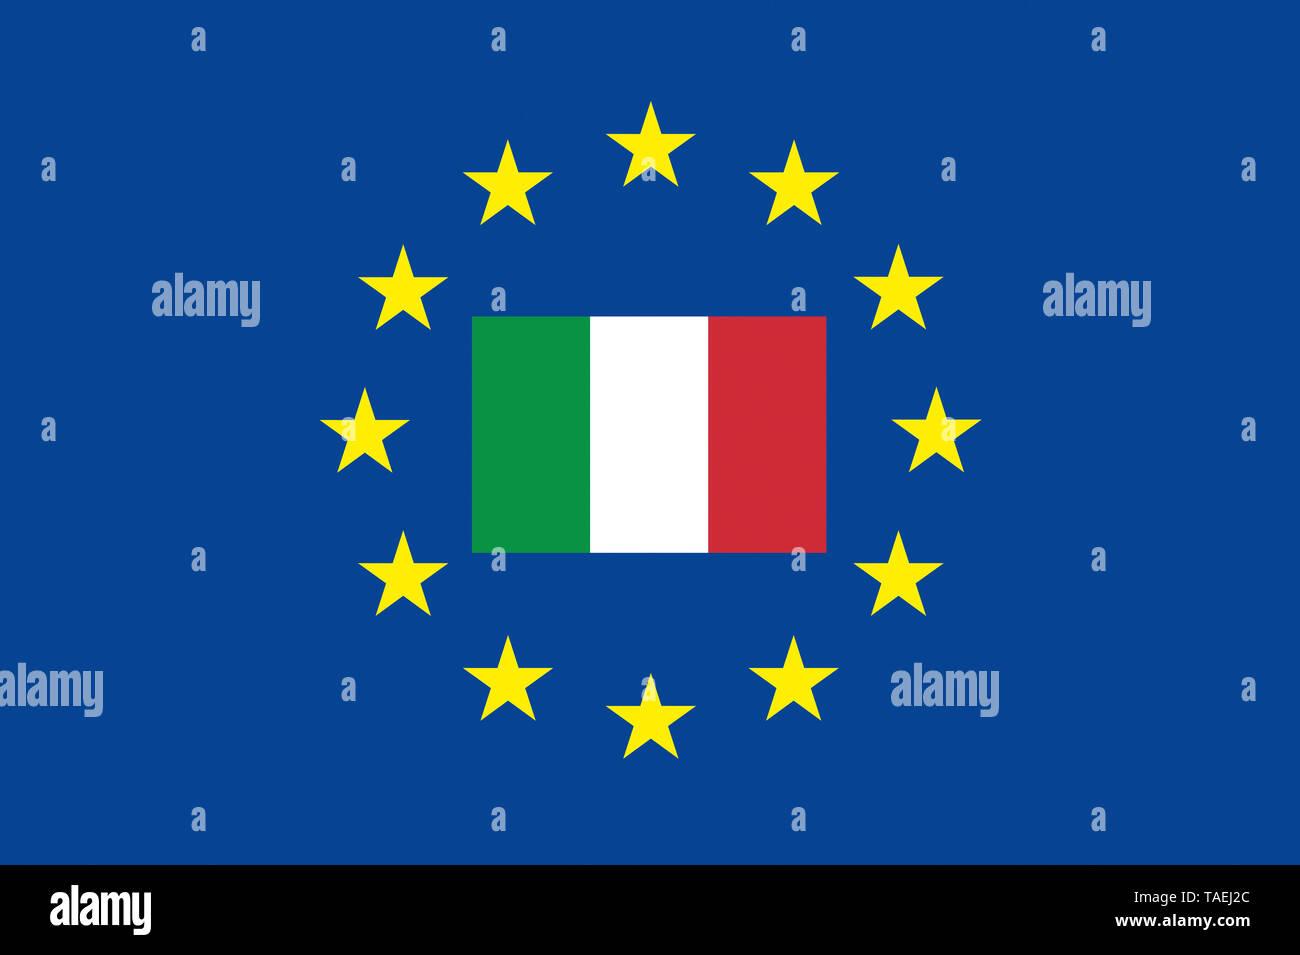 EU-Zeichen mit der Flagge von Italien, die Sterne schützen das Land, Symbolfoto für Europa - Stock Image